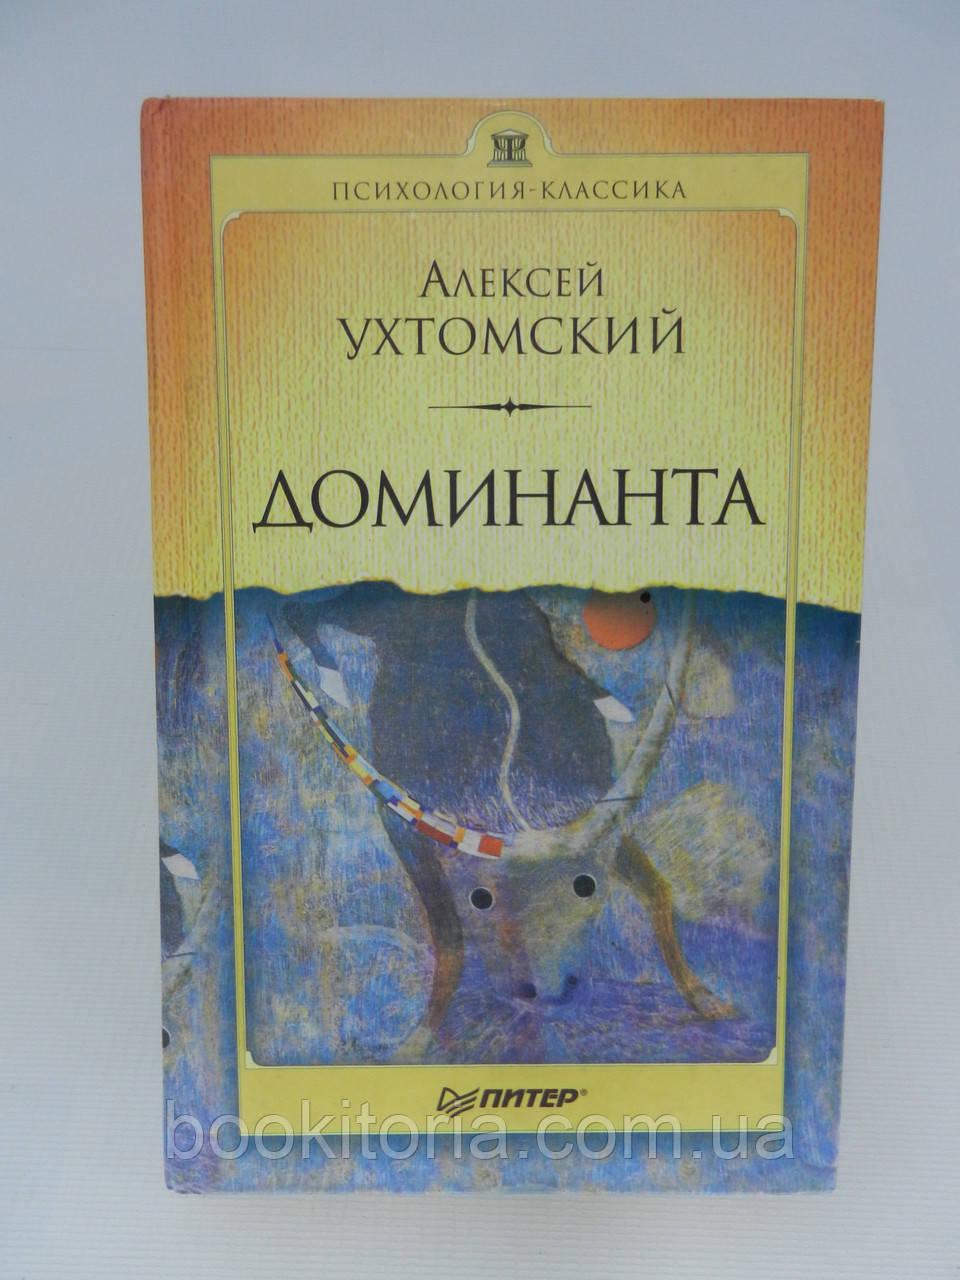 Ухтомский А. Доминанта (б/у).